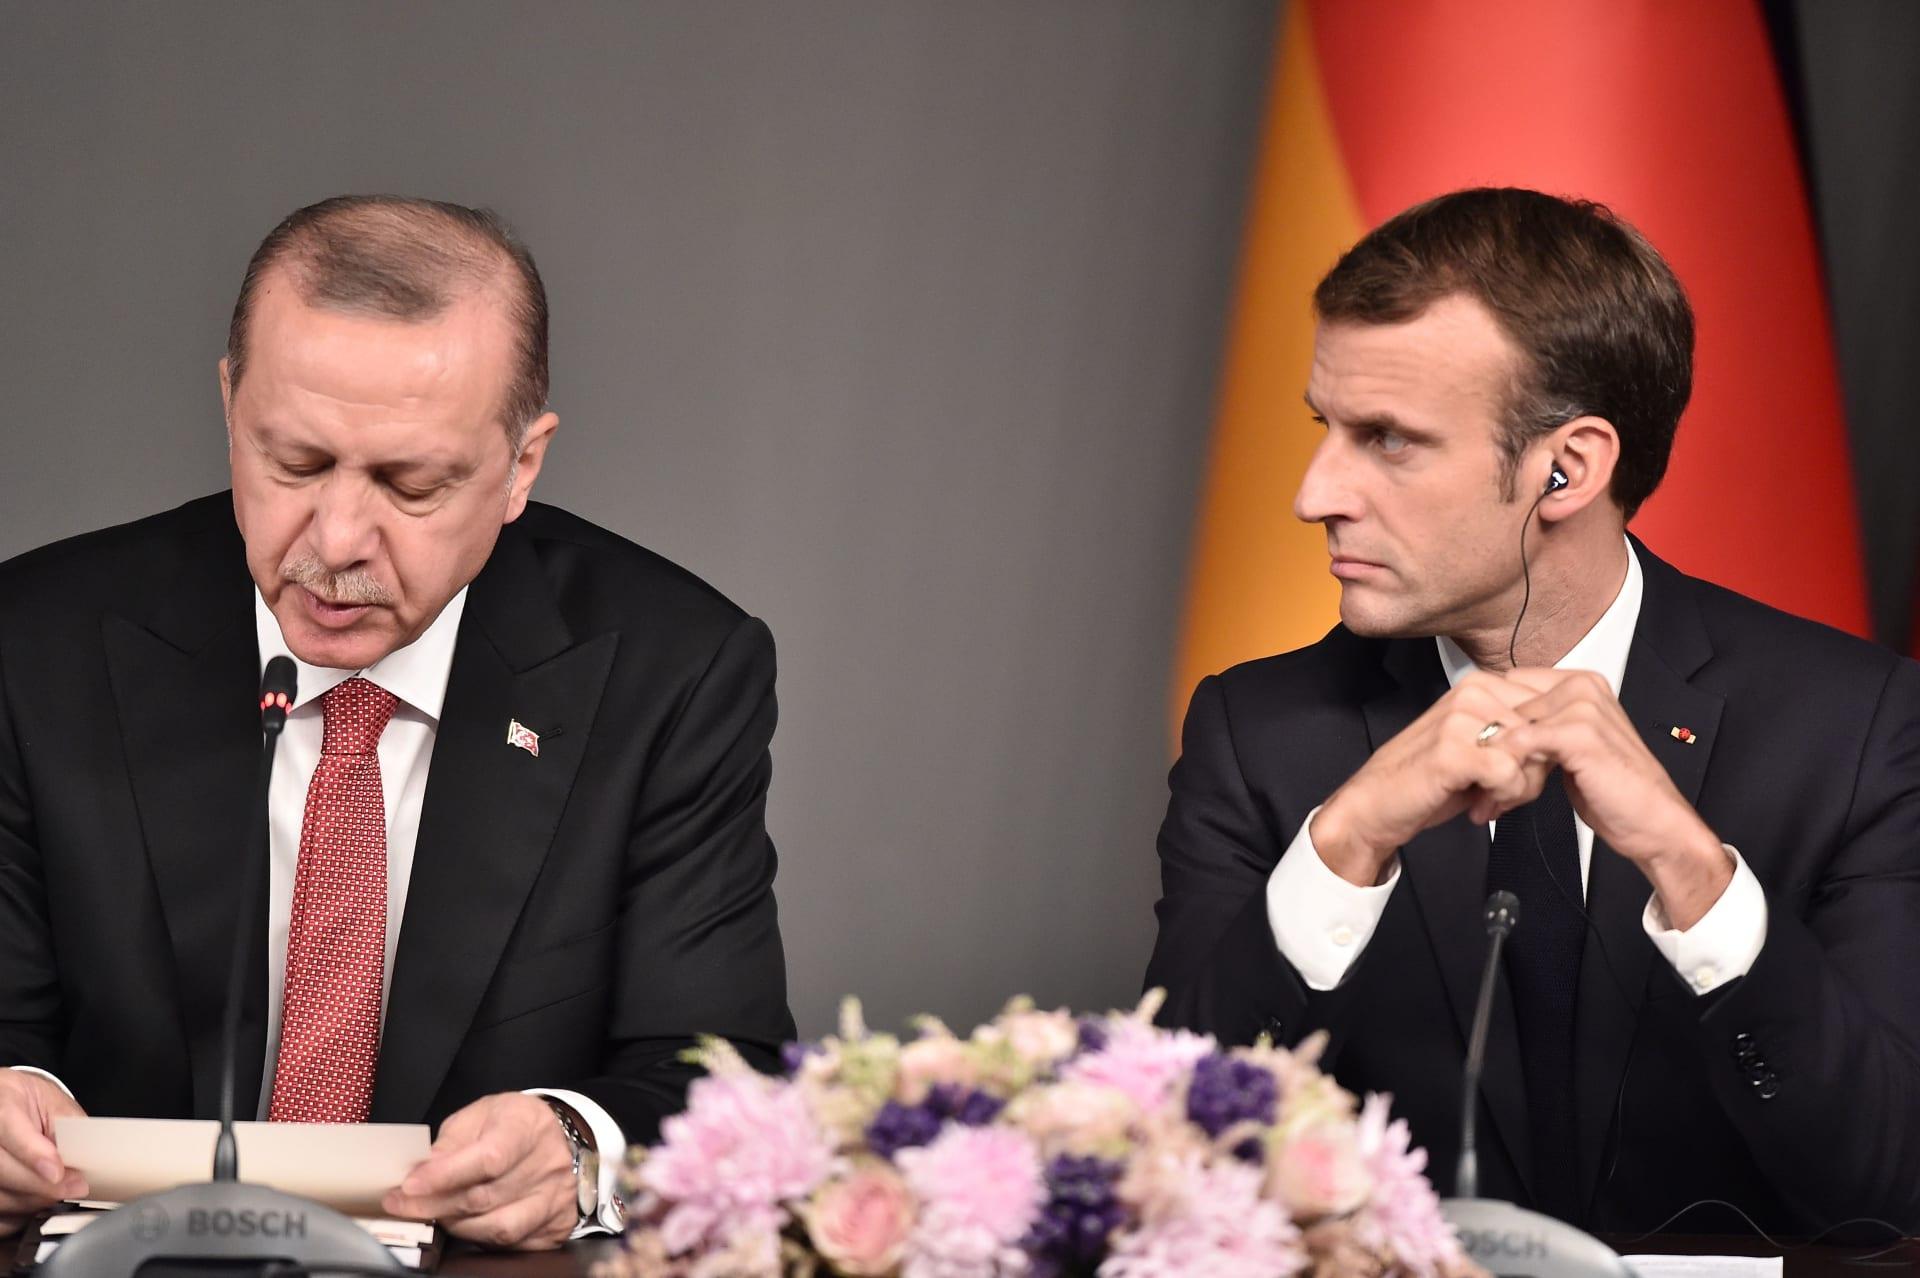 صورة أرشيفية من لقاء بين الرئيسين الفرنسي إيمانويل ماكرون والتركي رجب طيب أردوغان